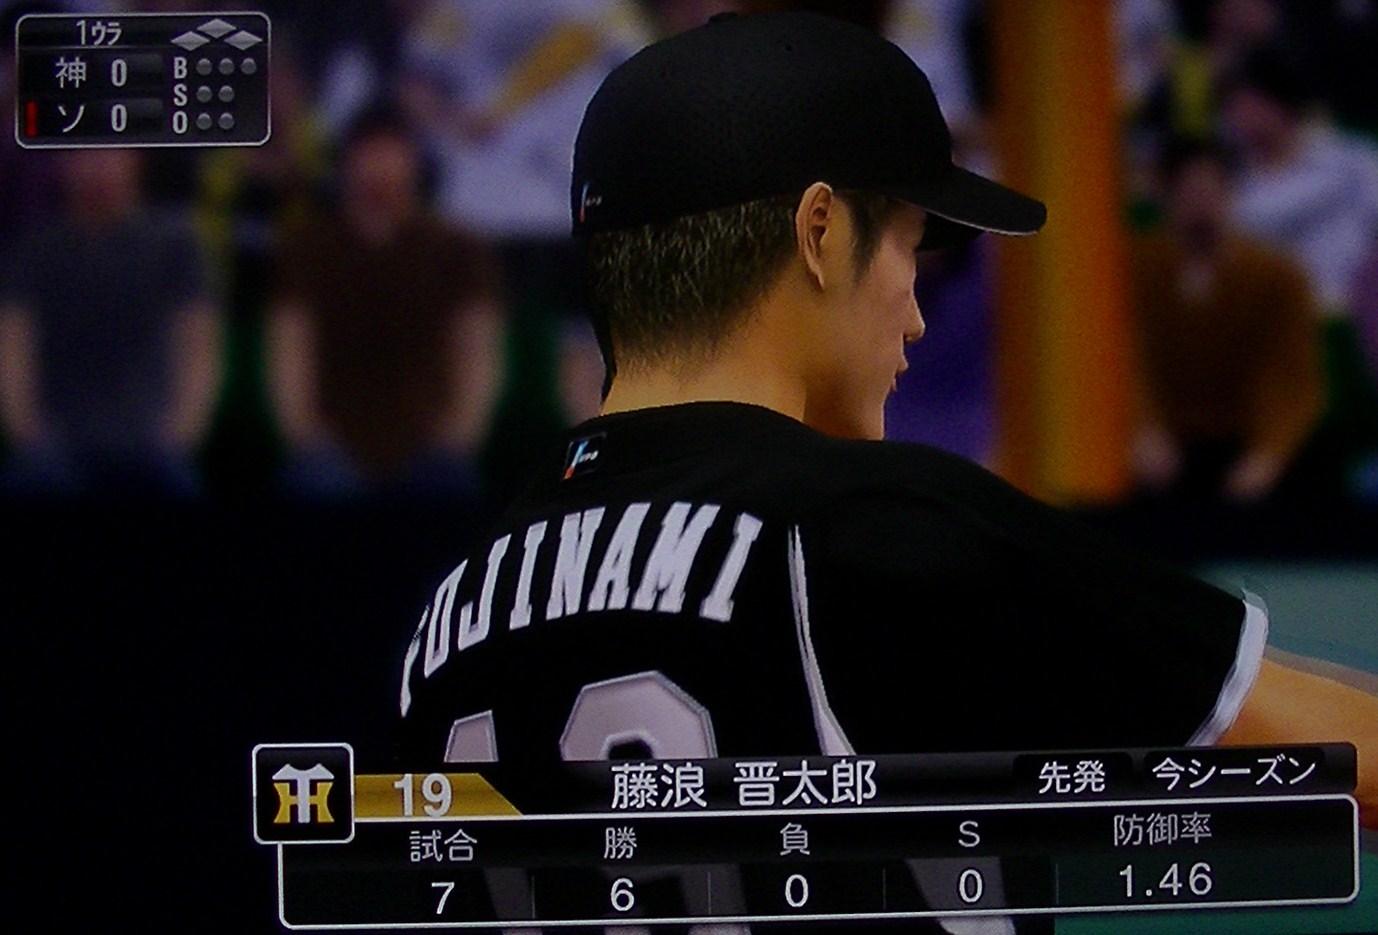 プロスピ2013対ソフトバンク4回戦(ビジター)H25.6.3分 005